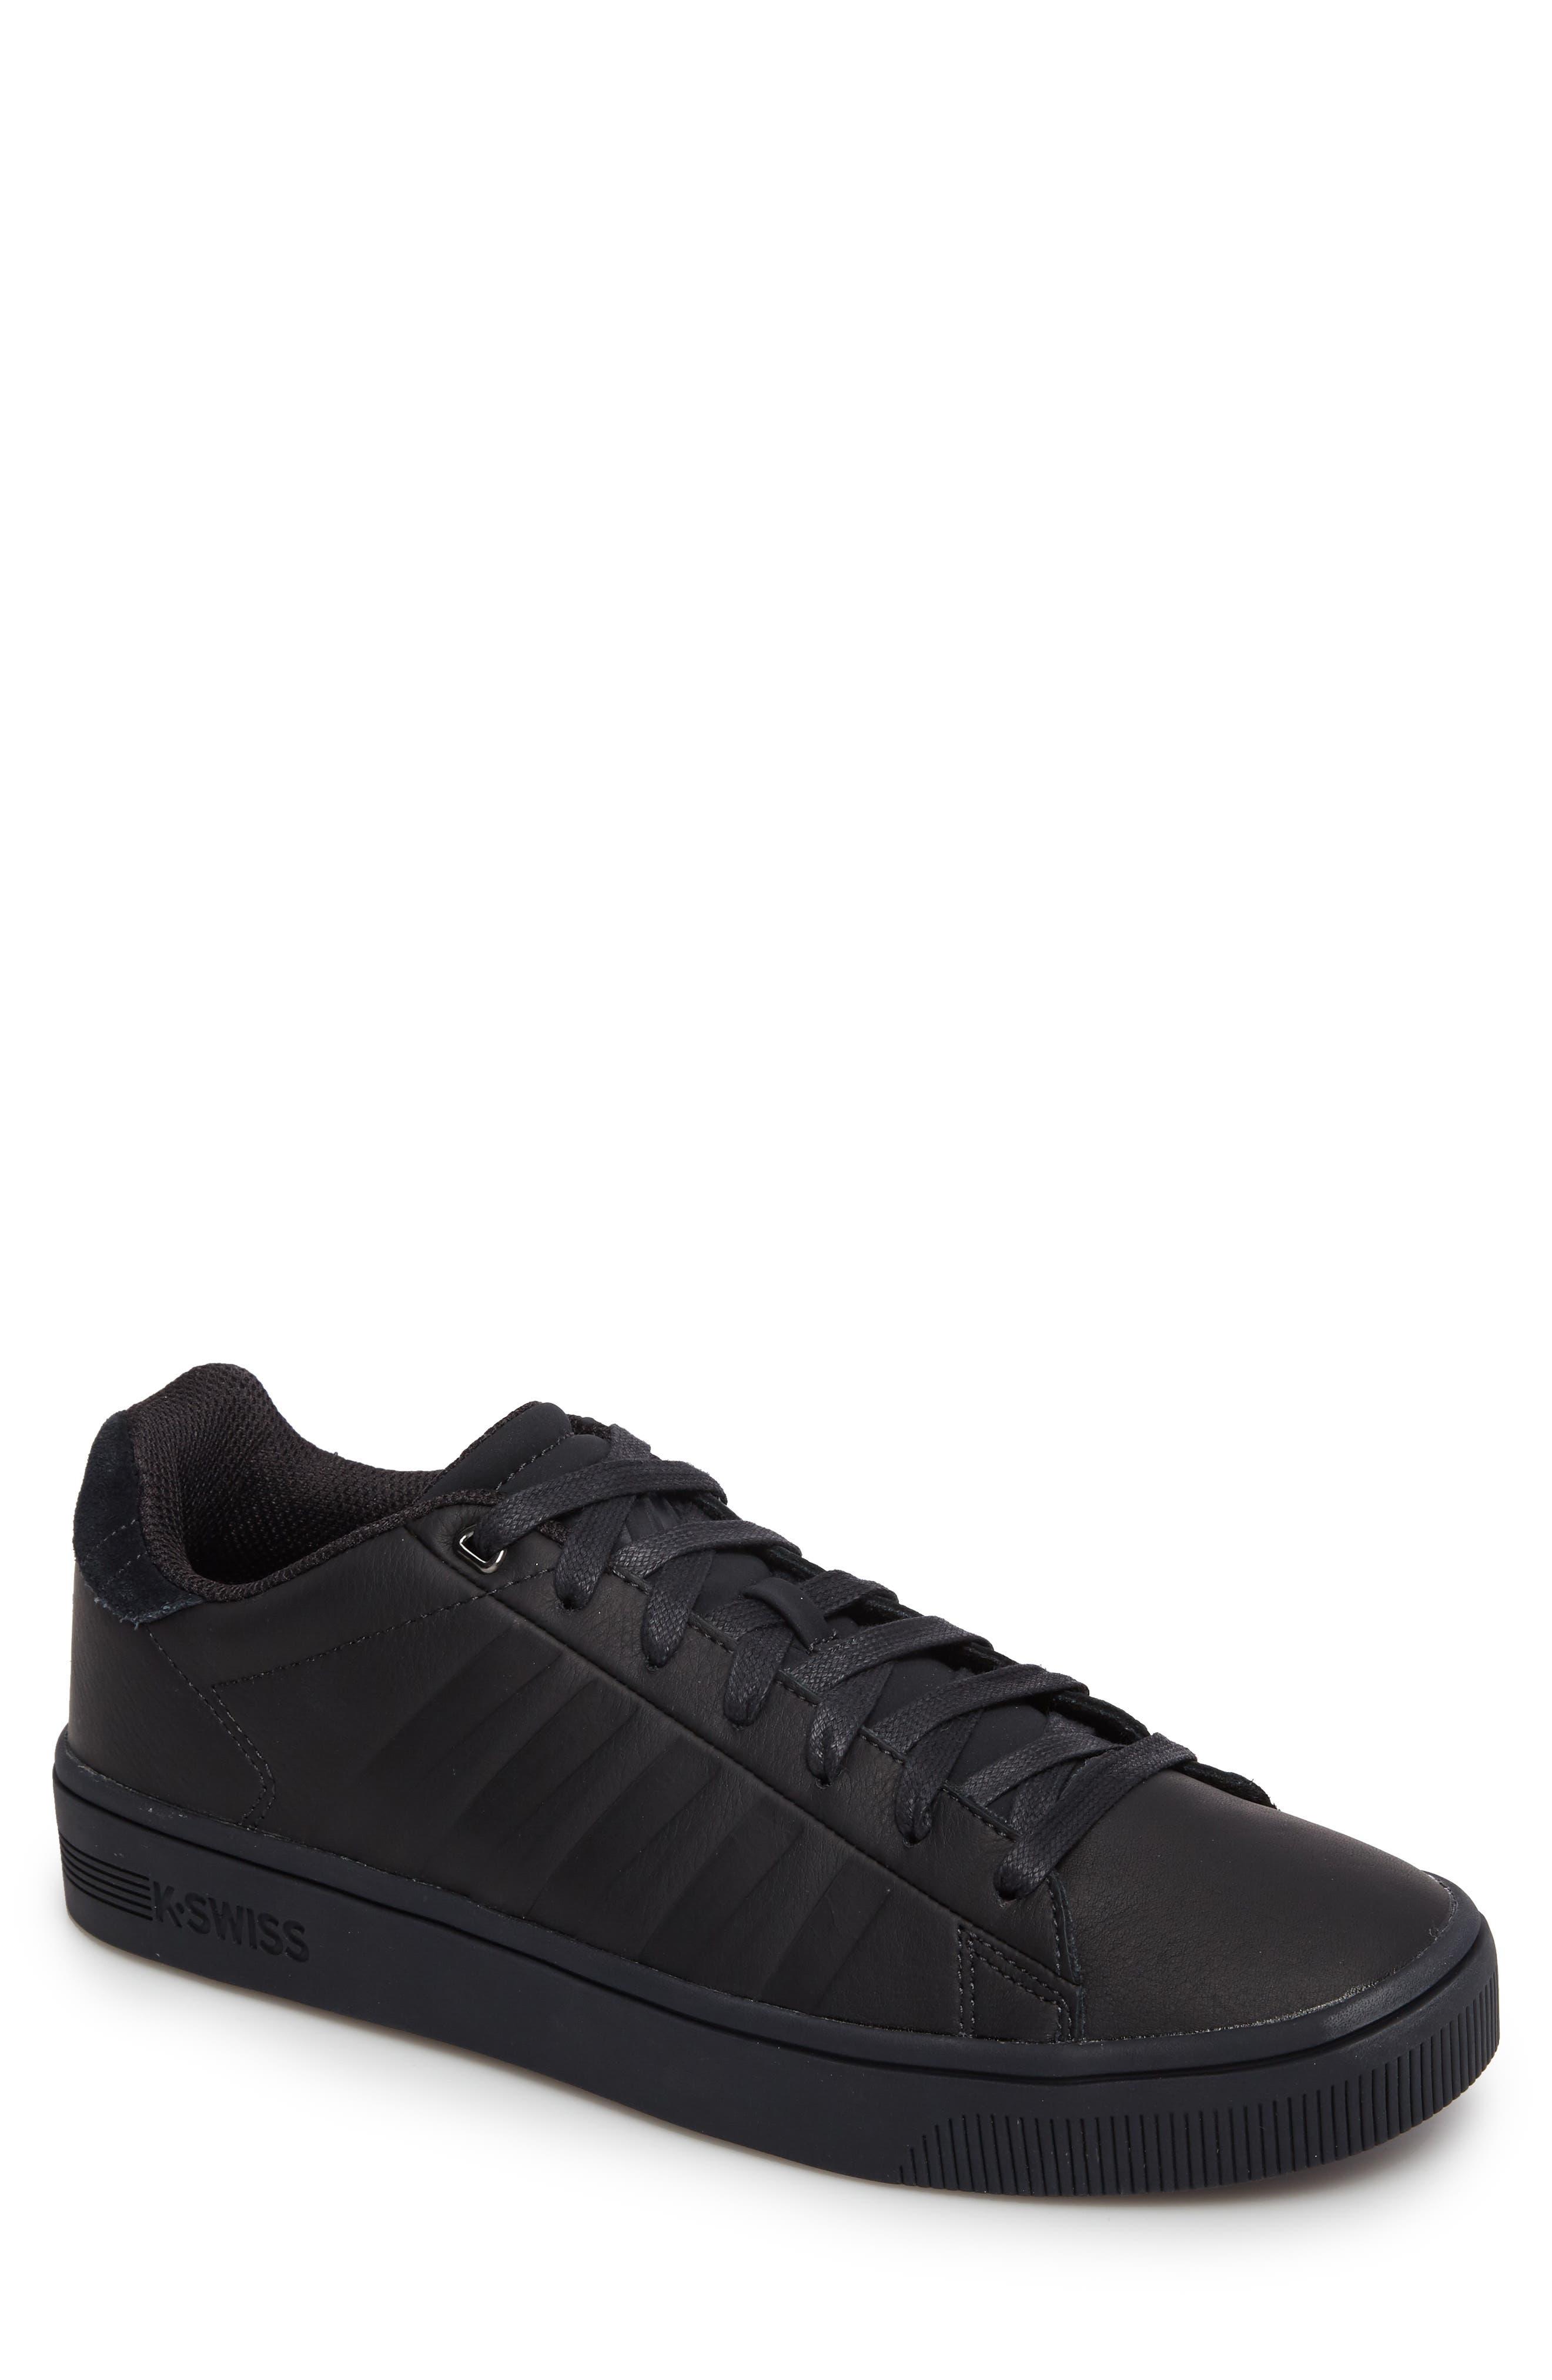 Alternate Image 1 Selected - K-Swiss Court Frasco Sneaker (Men)